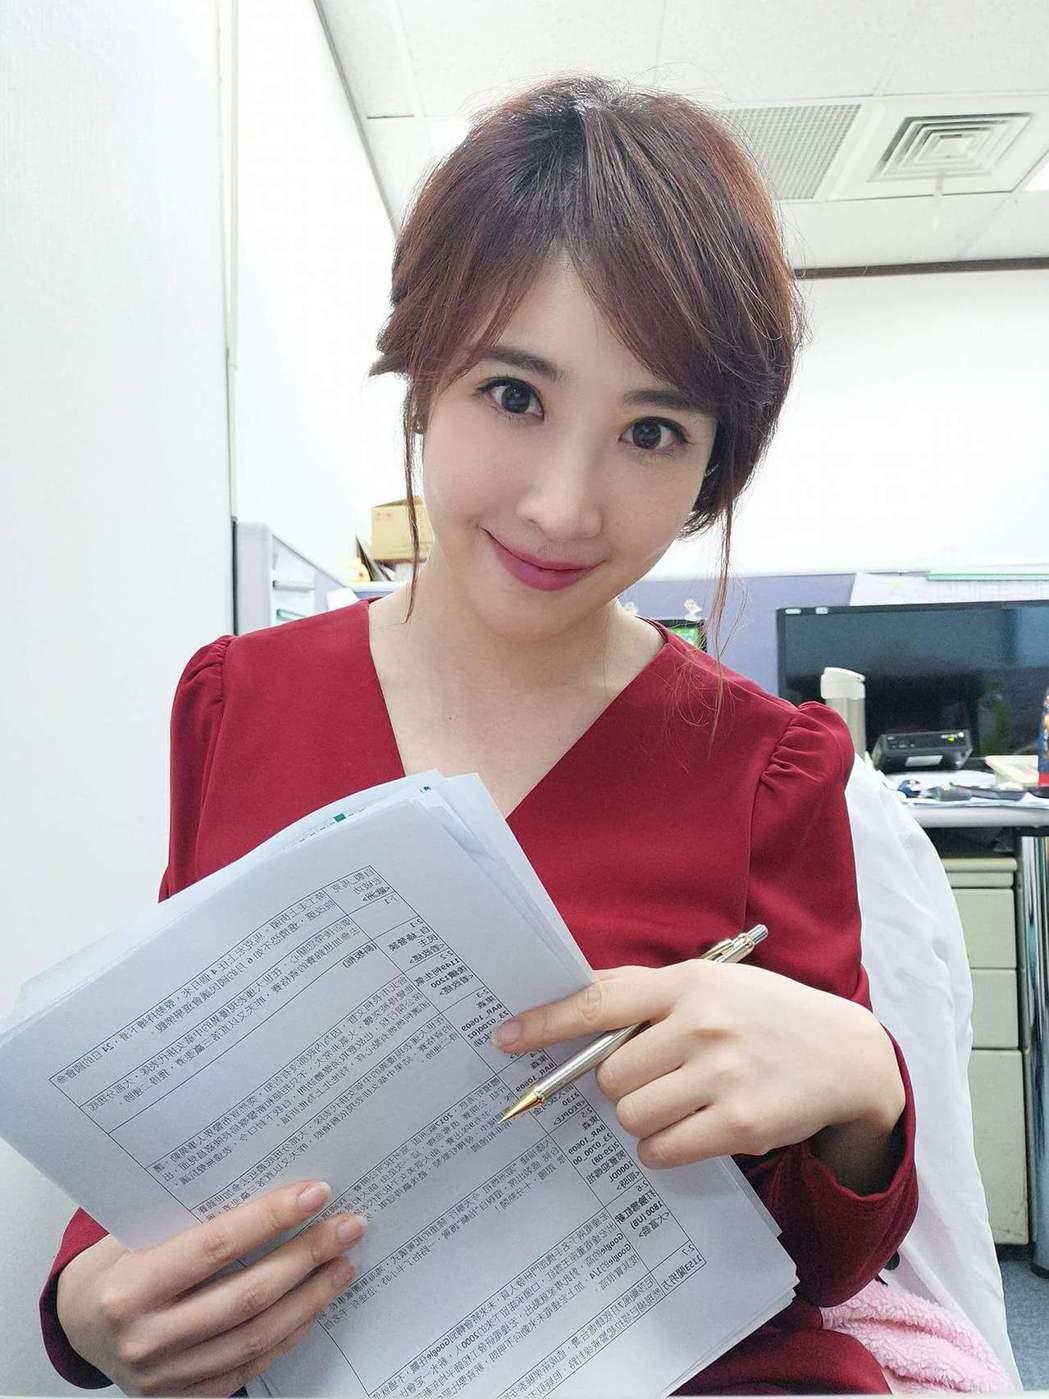 女主播黃若薇晚間和友人到泰國髮廊親自道歉。圖╱摘自黃若薇臉書